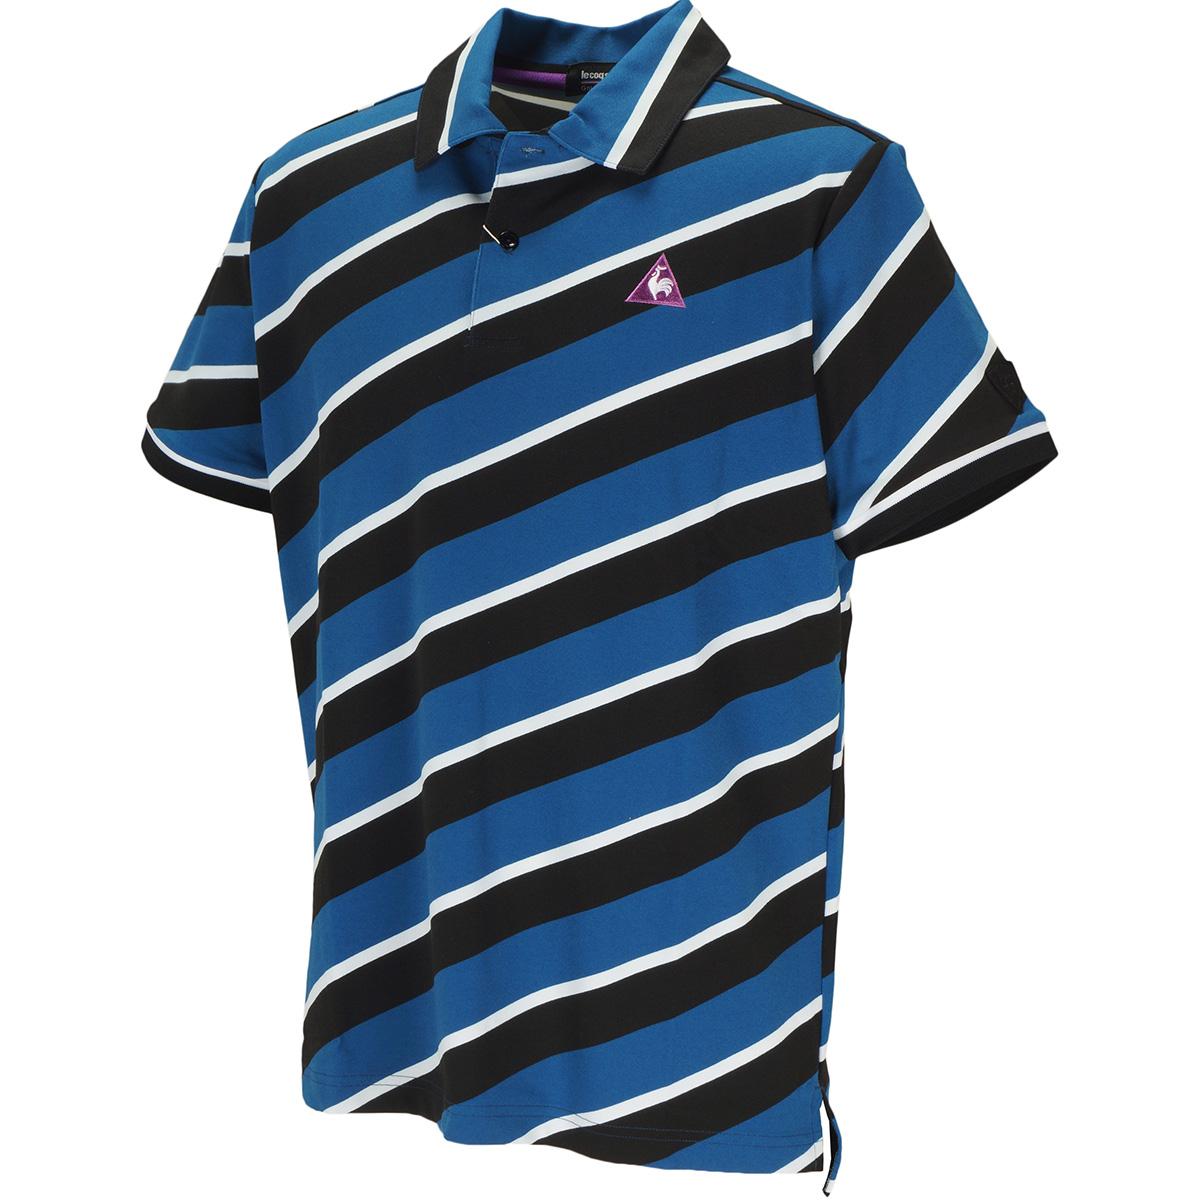 レジメンタルプリント 半袖ストライプポロシャツ